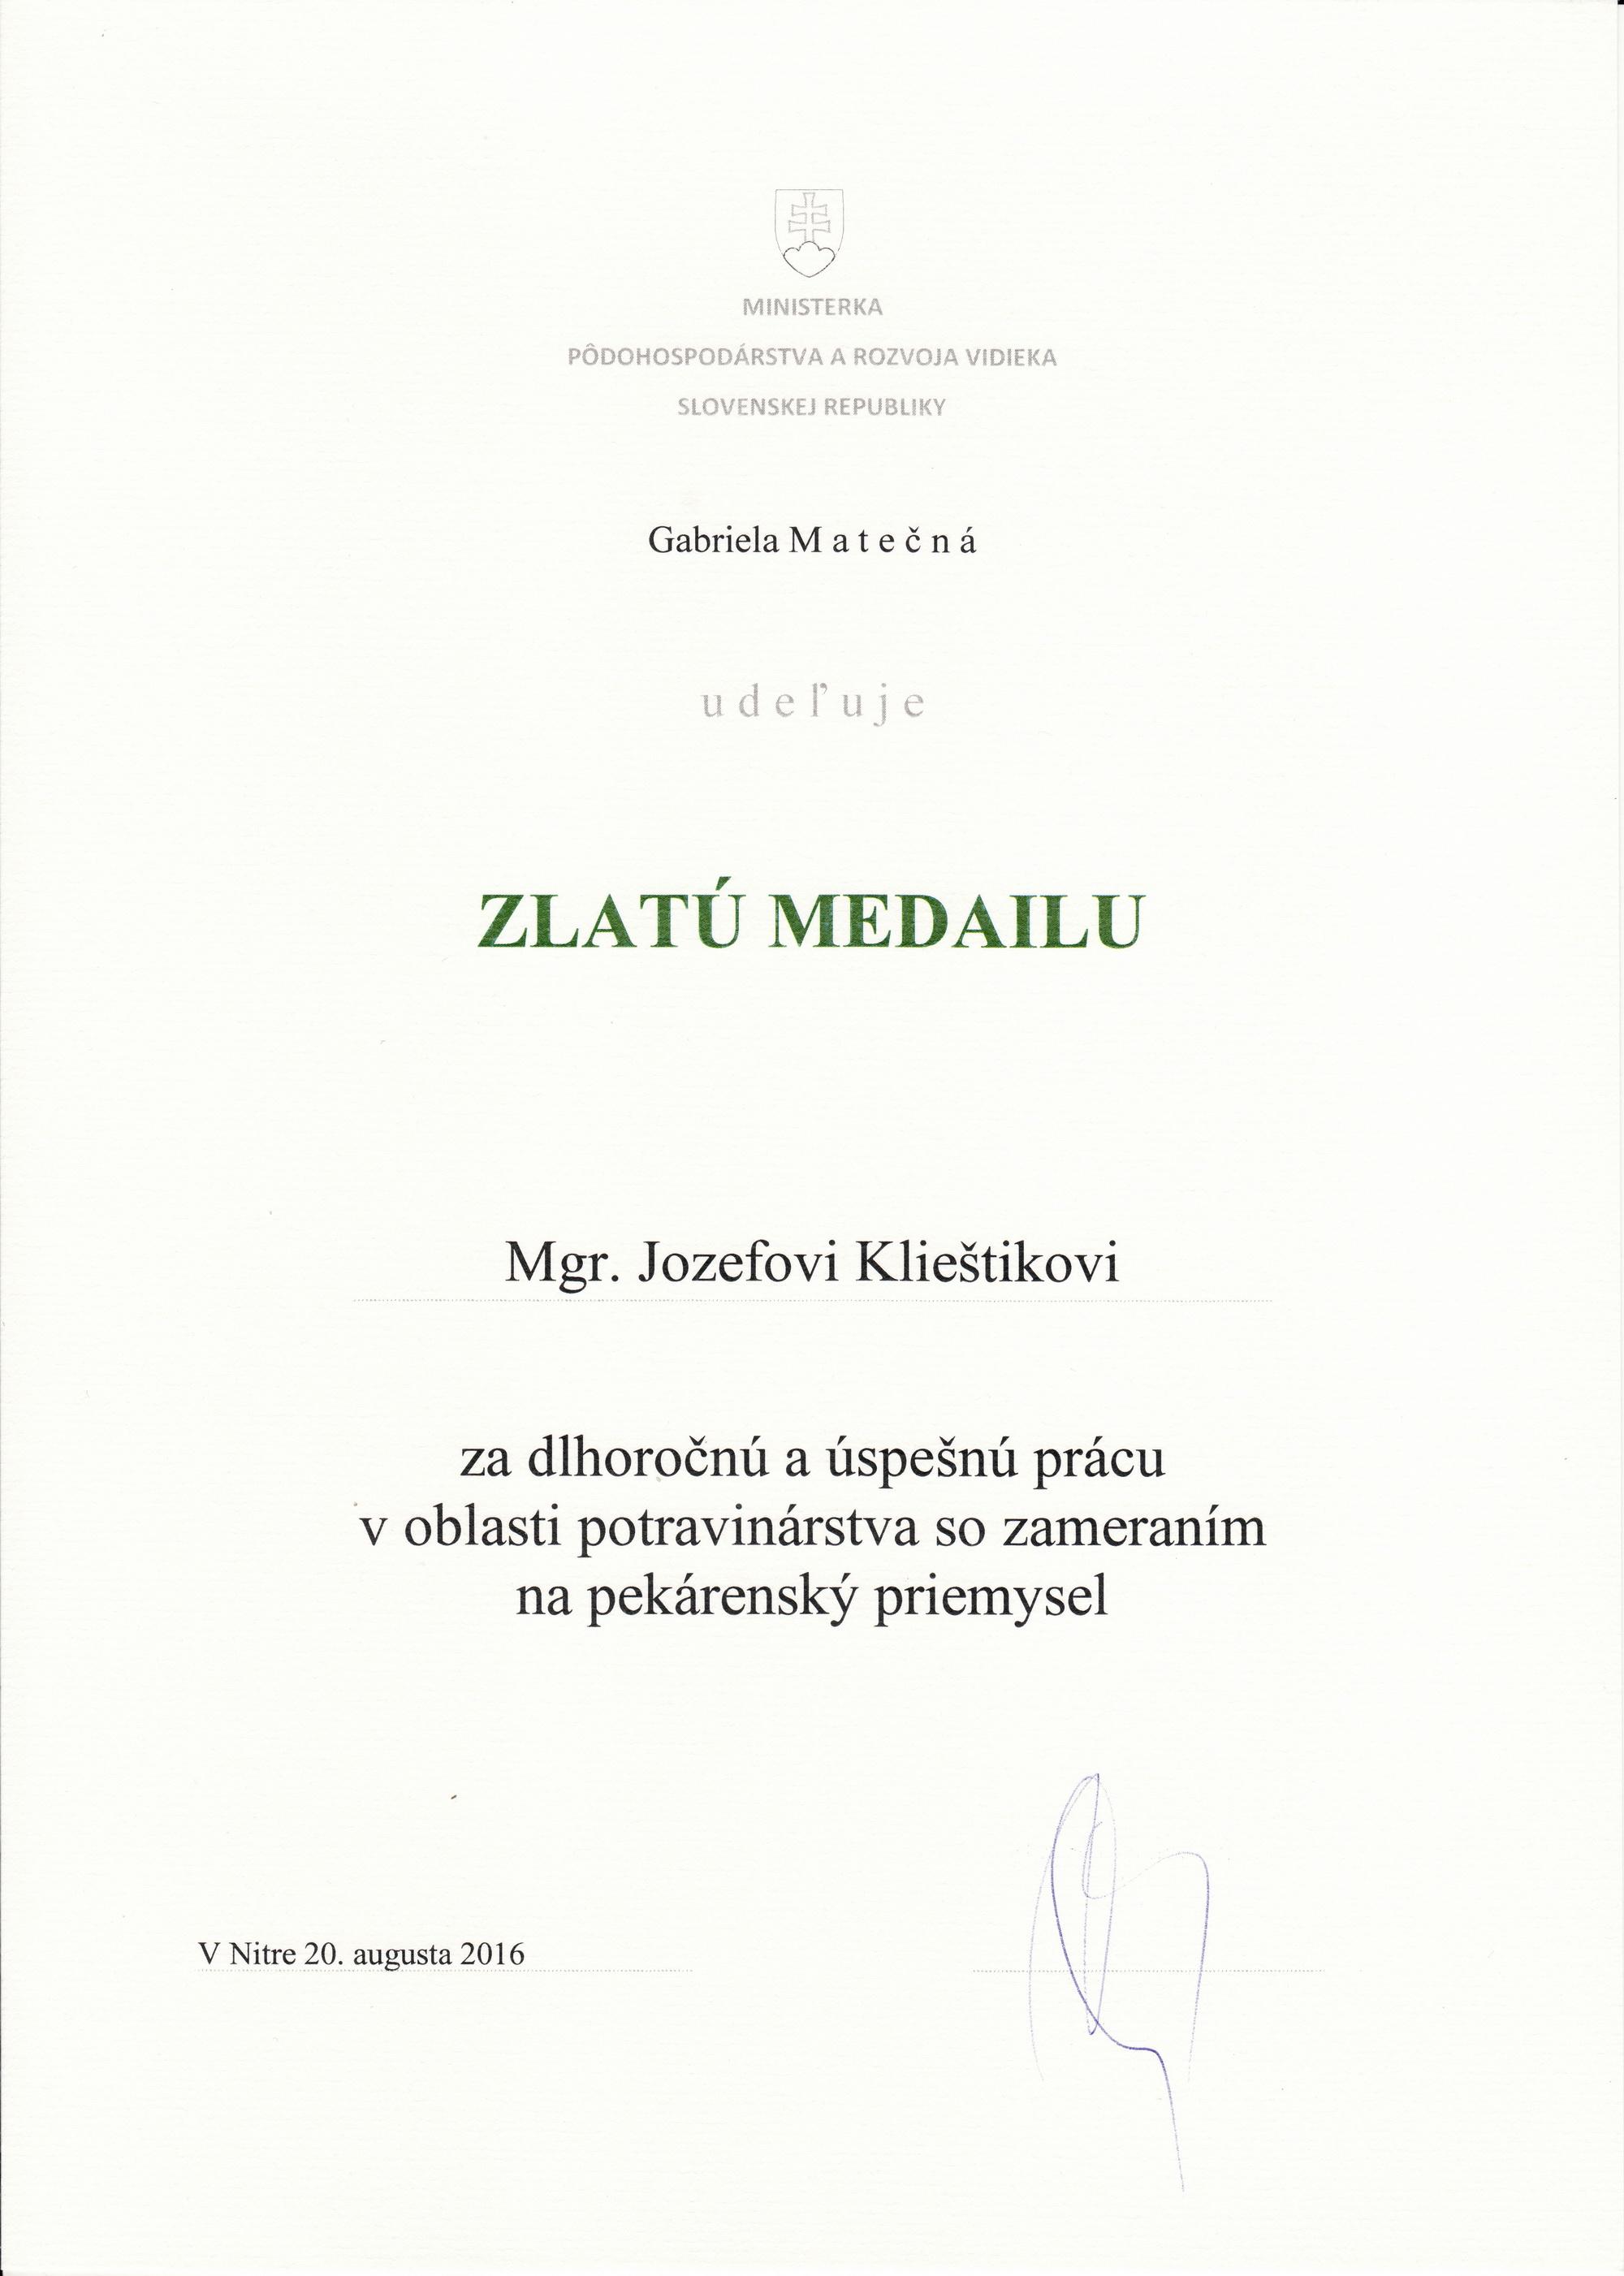 Zlatá medaila 2016 - Mgr. Jozef Klieštik - Vilija